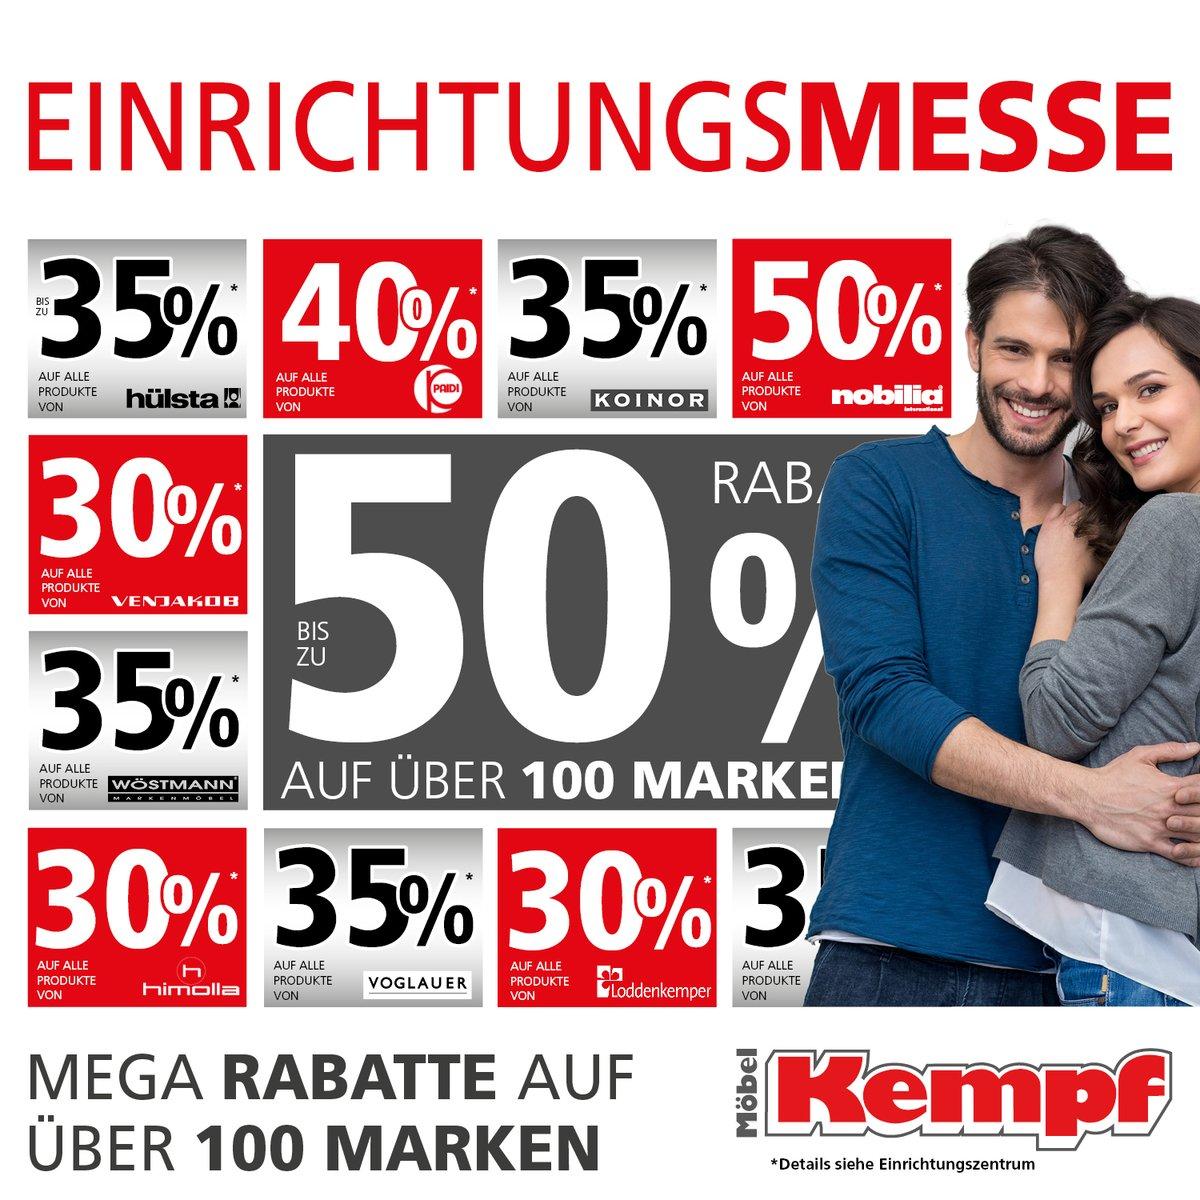 Mega Rabatte Einrichtungsmesse Bei Möbel Kempf In Aschaffenburg Und